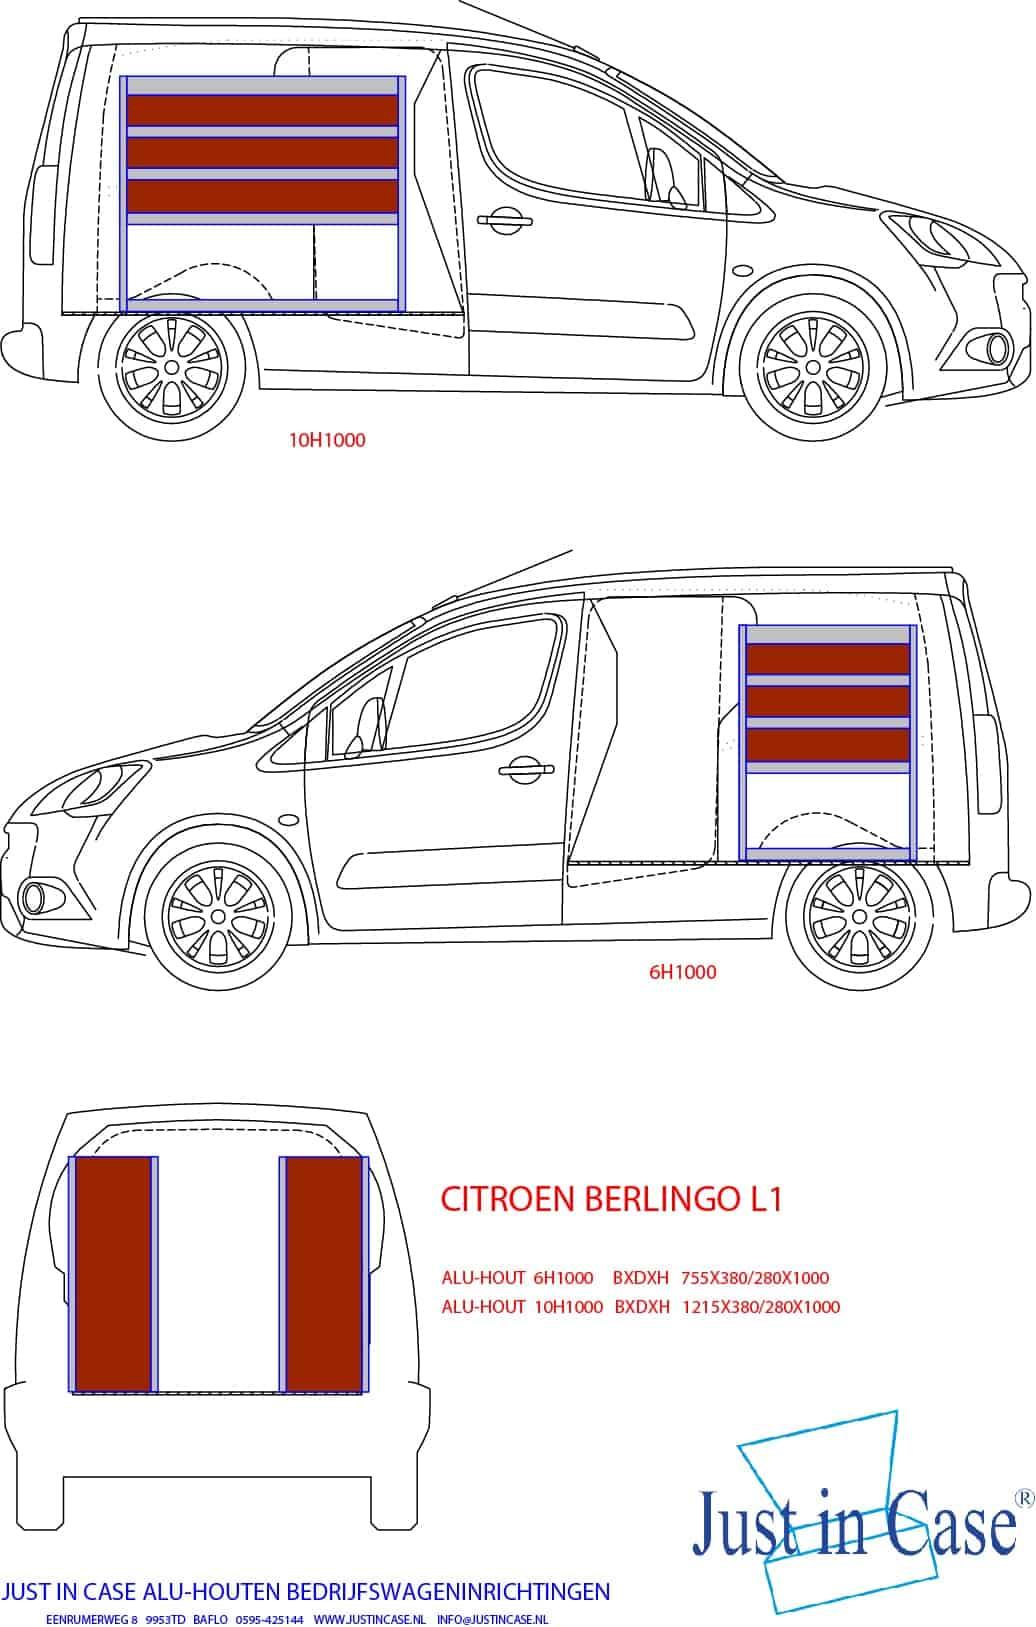 Peugeot Partner (L1) bedrijfswageninrichting schets